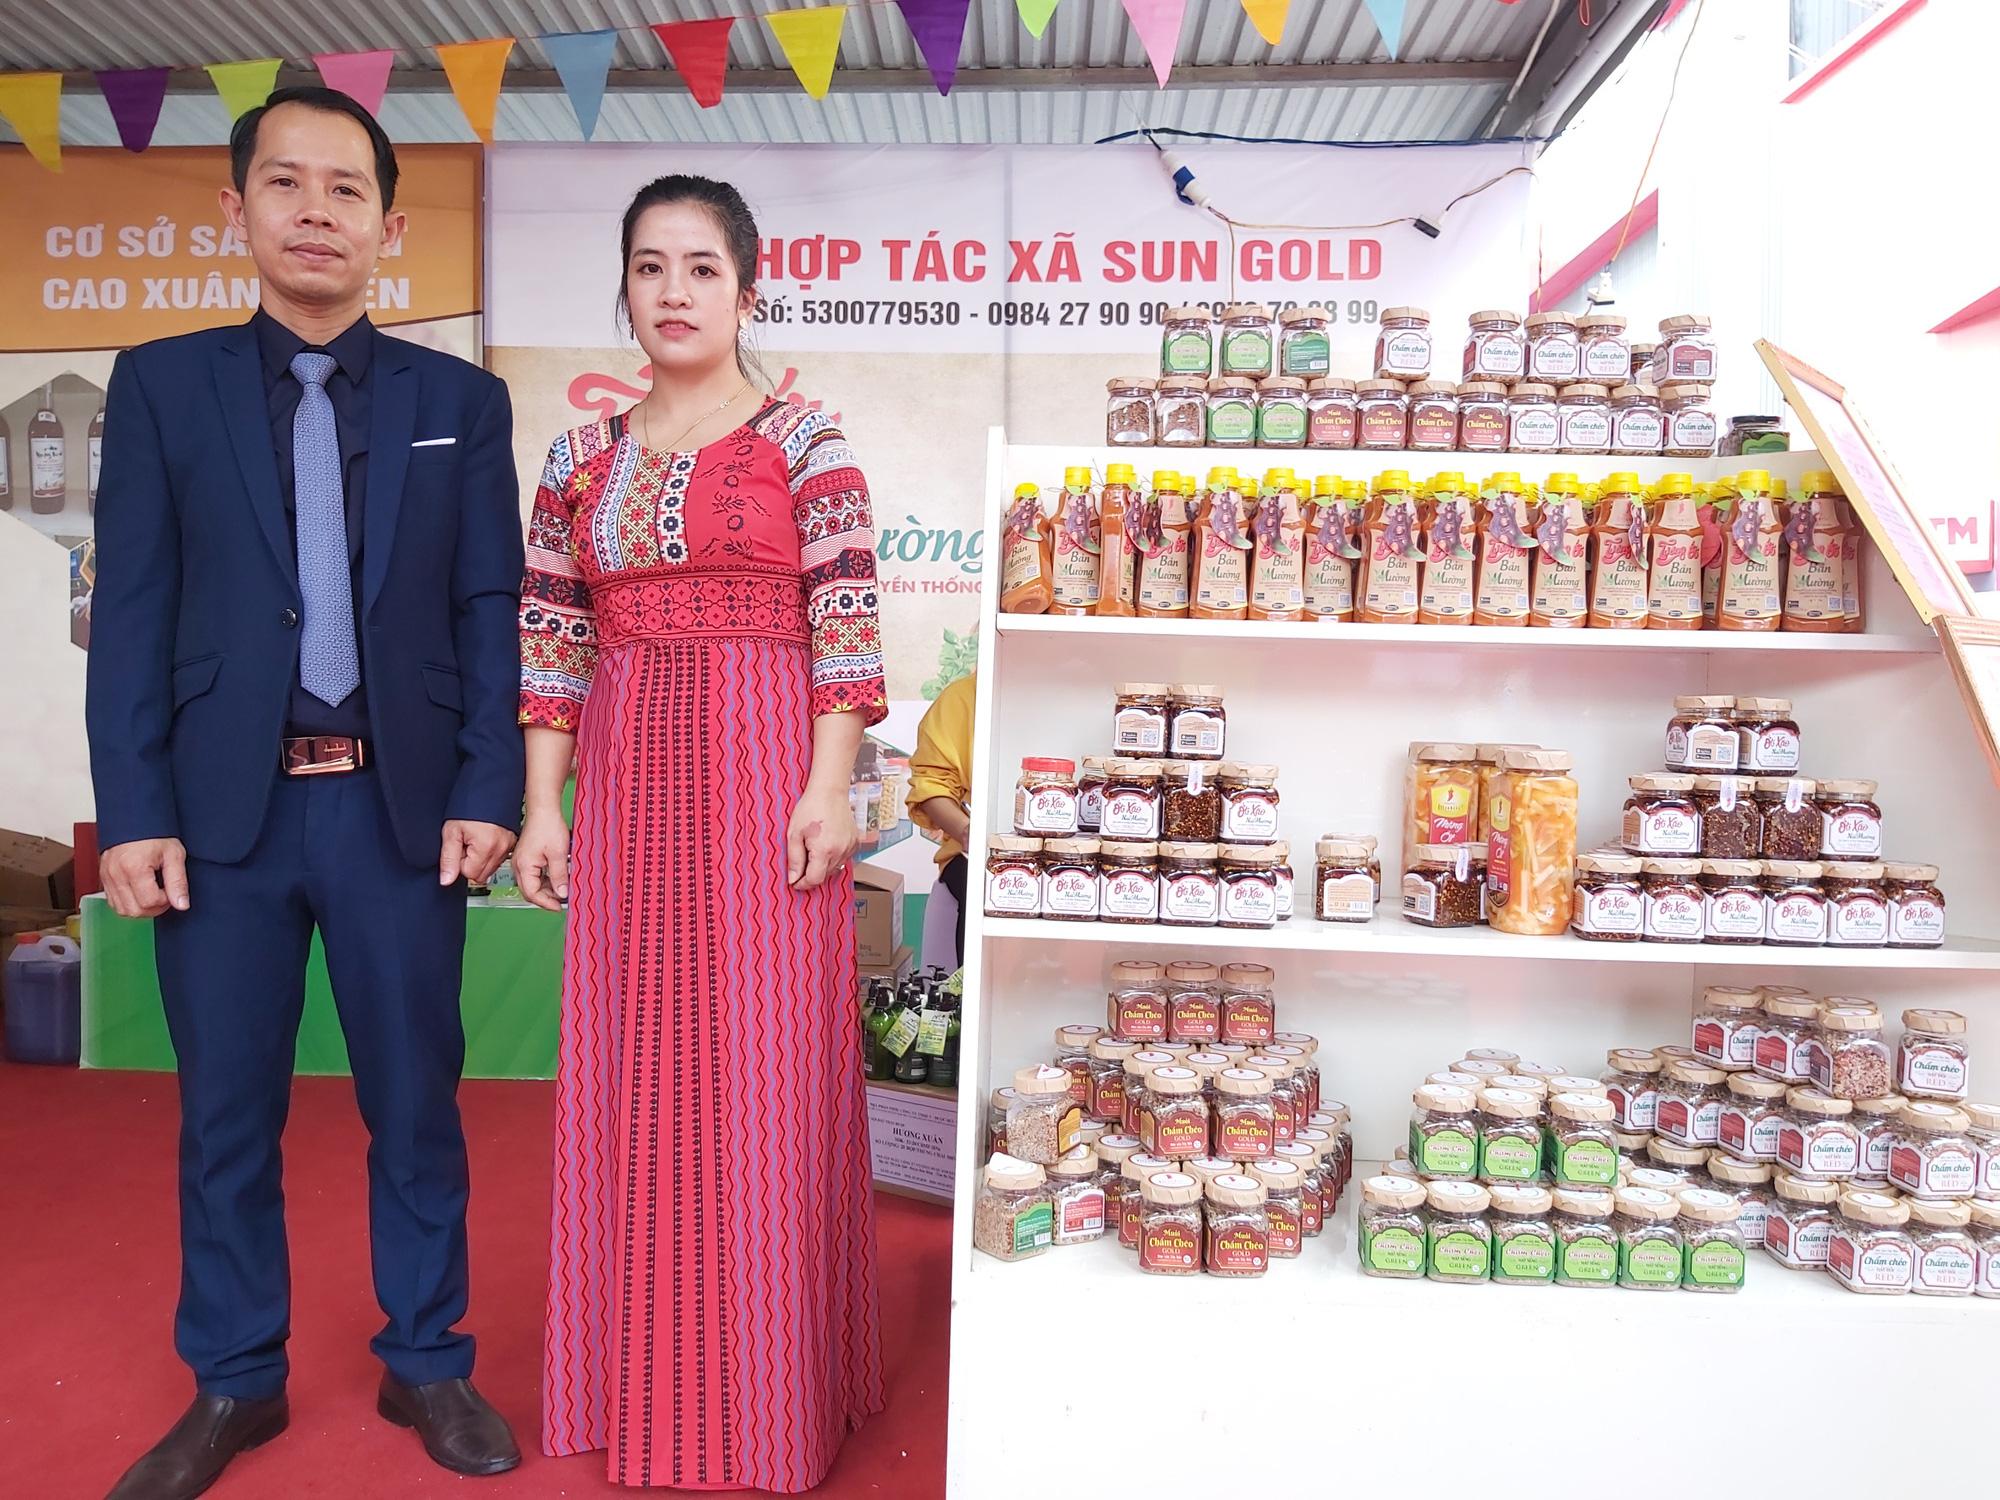 """Quýt ngọt, gạo Séng Cù, bưởi Múc...của huyện Mường Khương """"đổ bộ"""" xuống Thủ đô, người dân mê mẩn mua về ăn thử - Ảnh 9."""